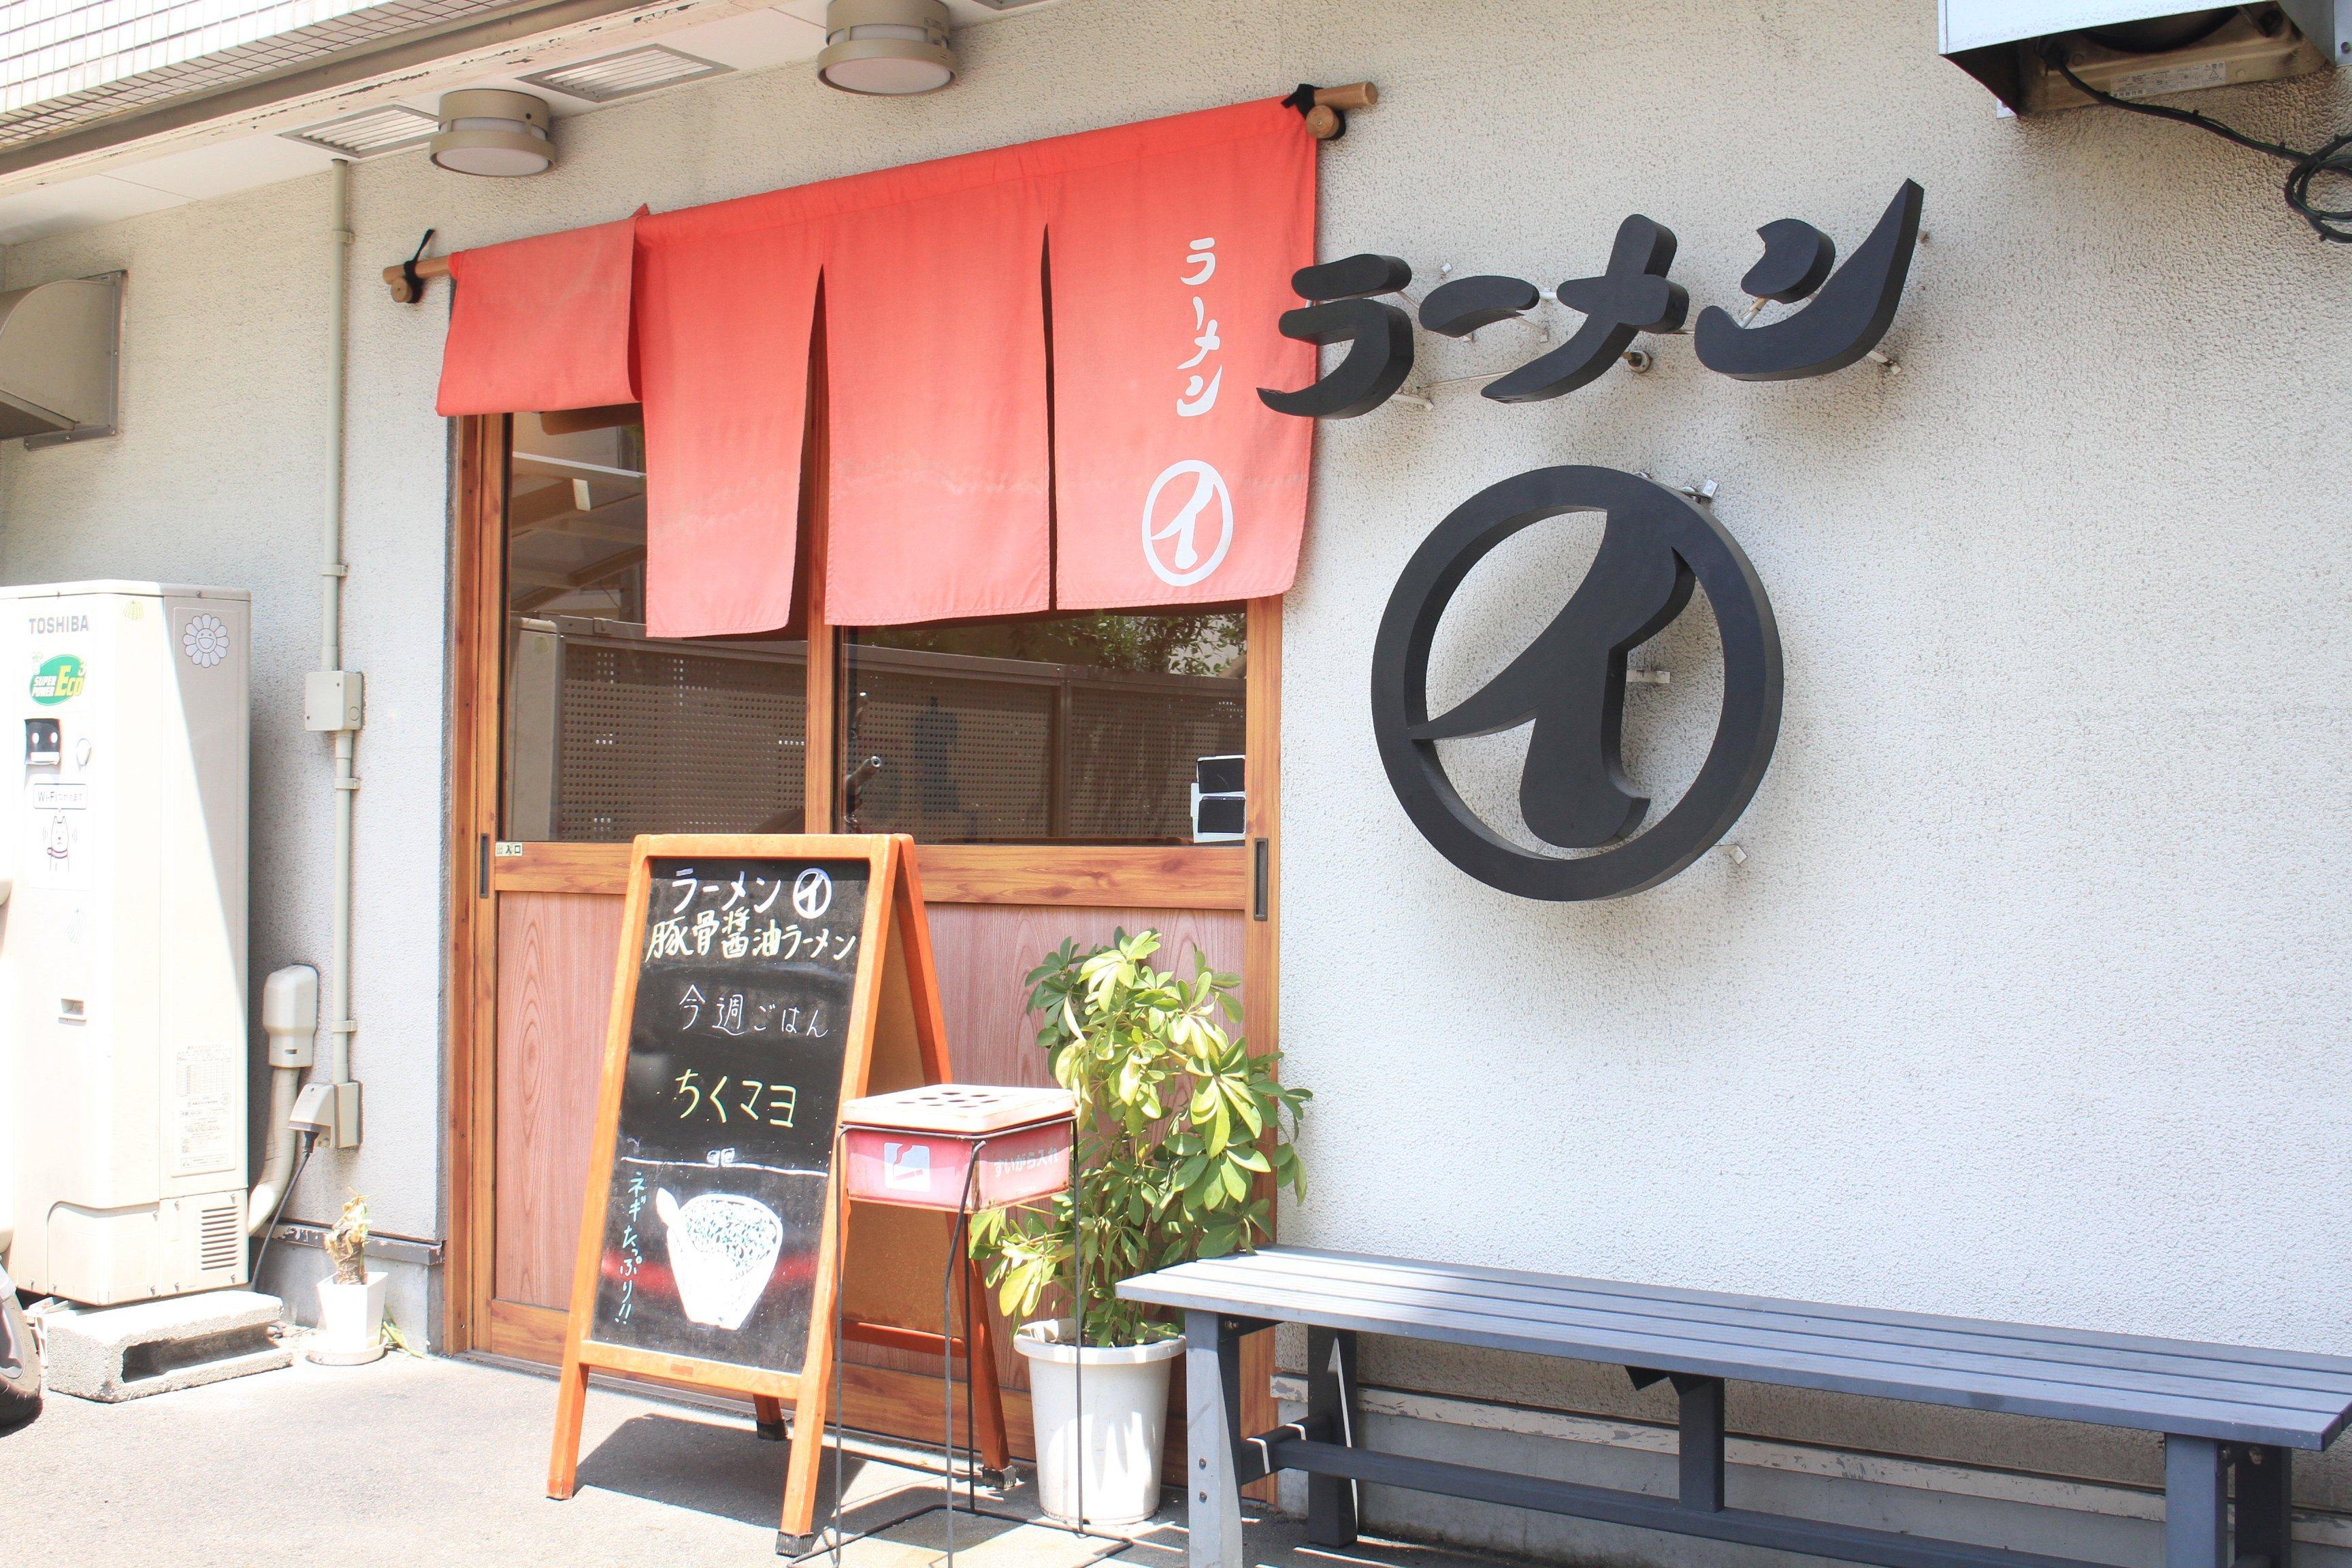 ラーメン〇イ 十二番丁店